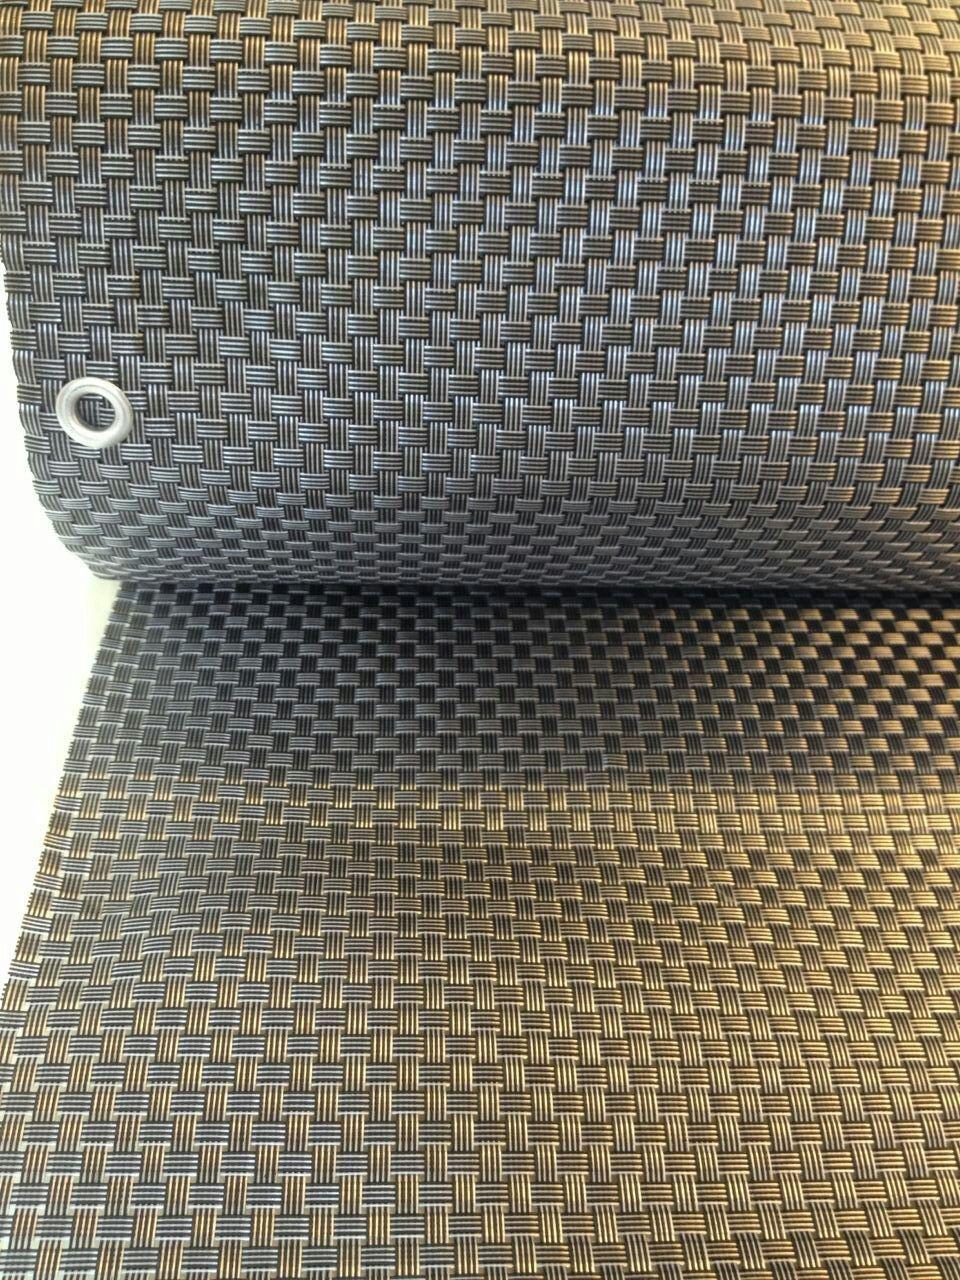 Smart Deko 78902 Silber&Anthrazit 6x0,9m Polyrattan Sichtschutz, Balkonsichtschutz, Windschutz, Balkonblende, Garten Sichtschutz, (Silber&Anthrazit)) (600x90cm)